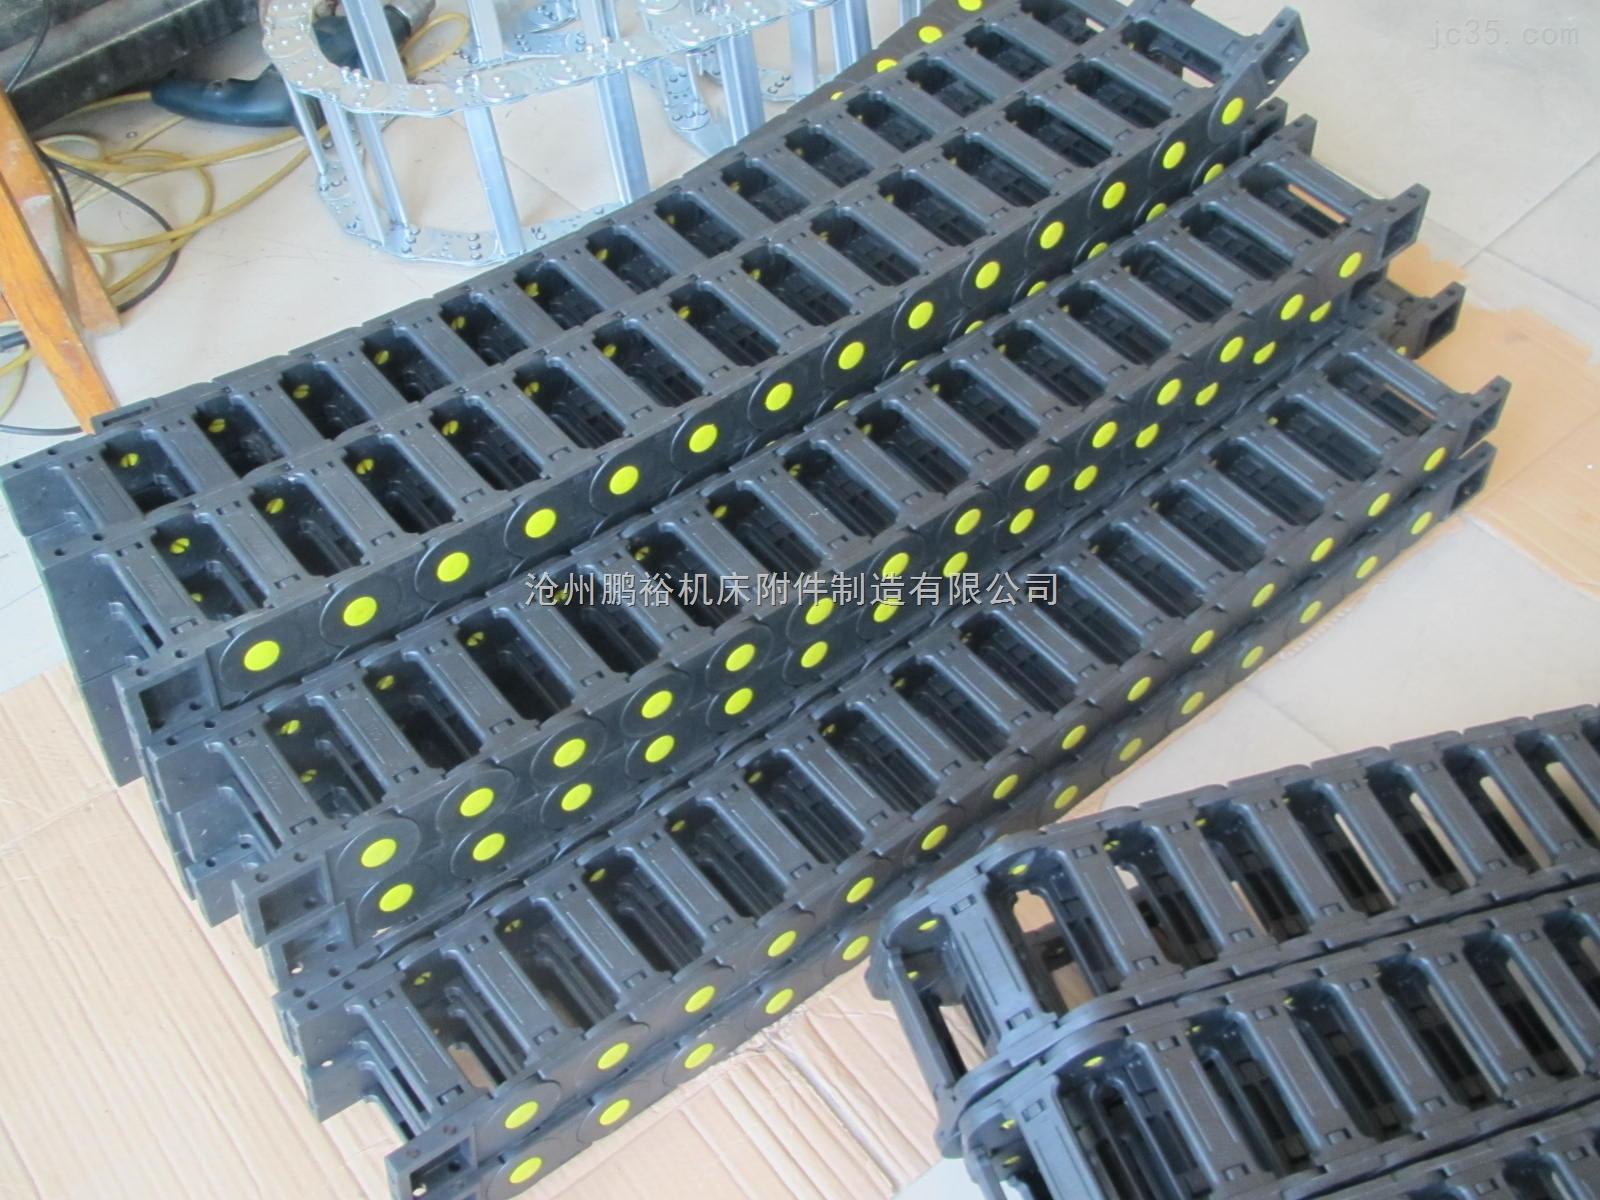 数控机床专用拖链